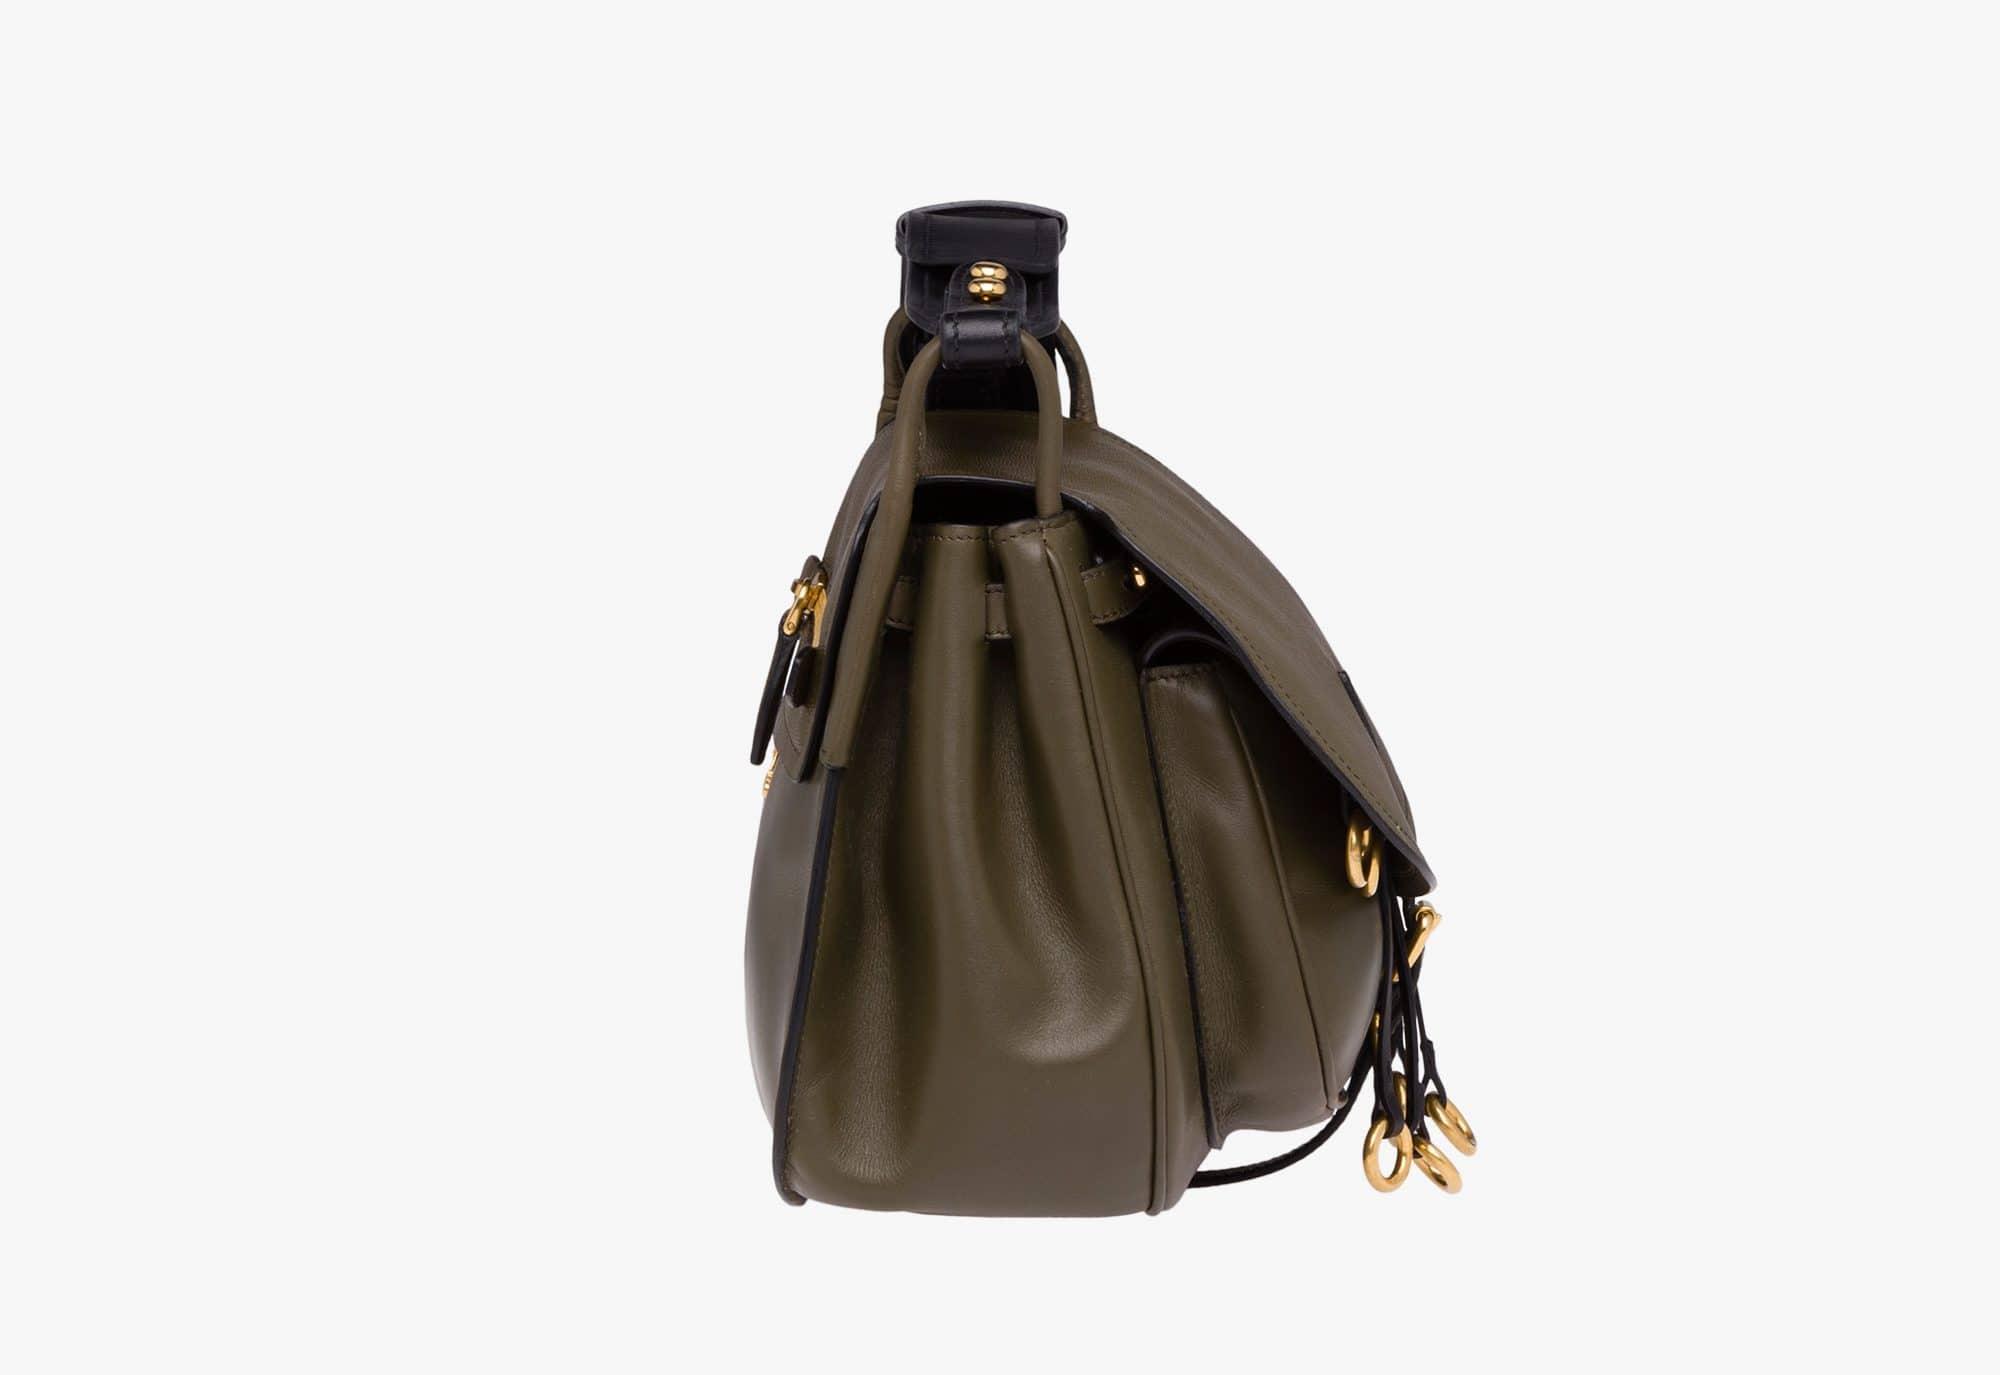 e48425cca5b0 Prada Corsaire Bag Reference Guide